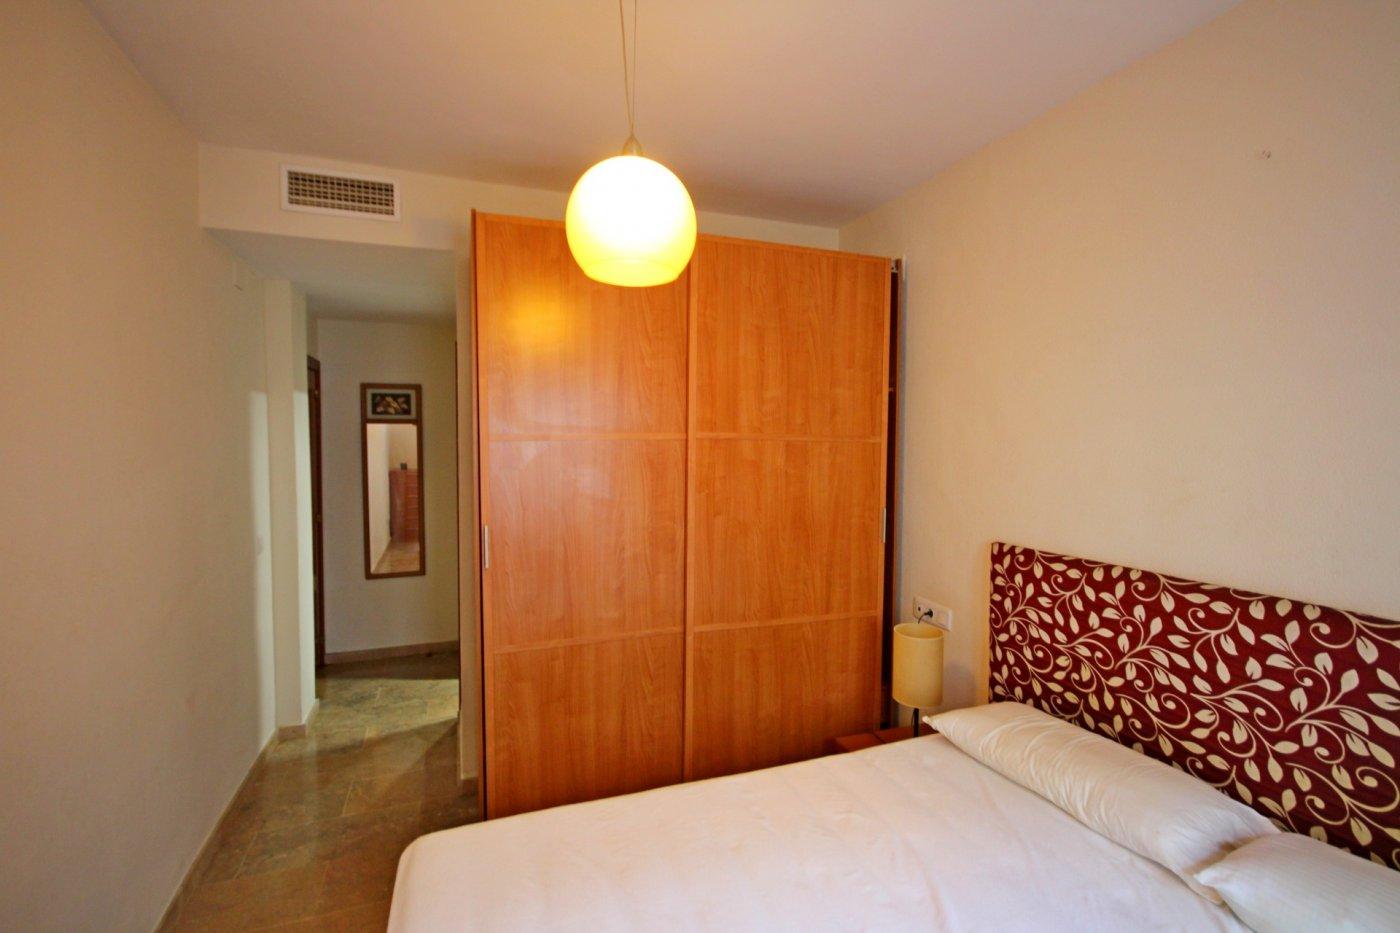 Piso dos dormitorios con garaje a un paso del centro histórico - imagenInmueble7